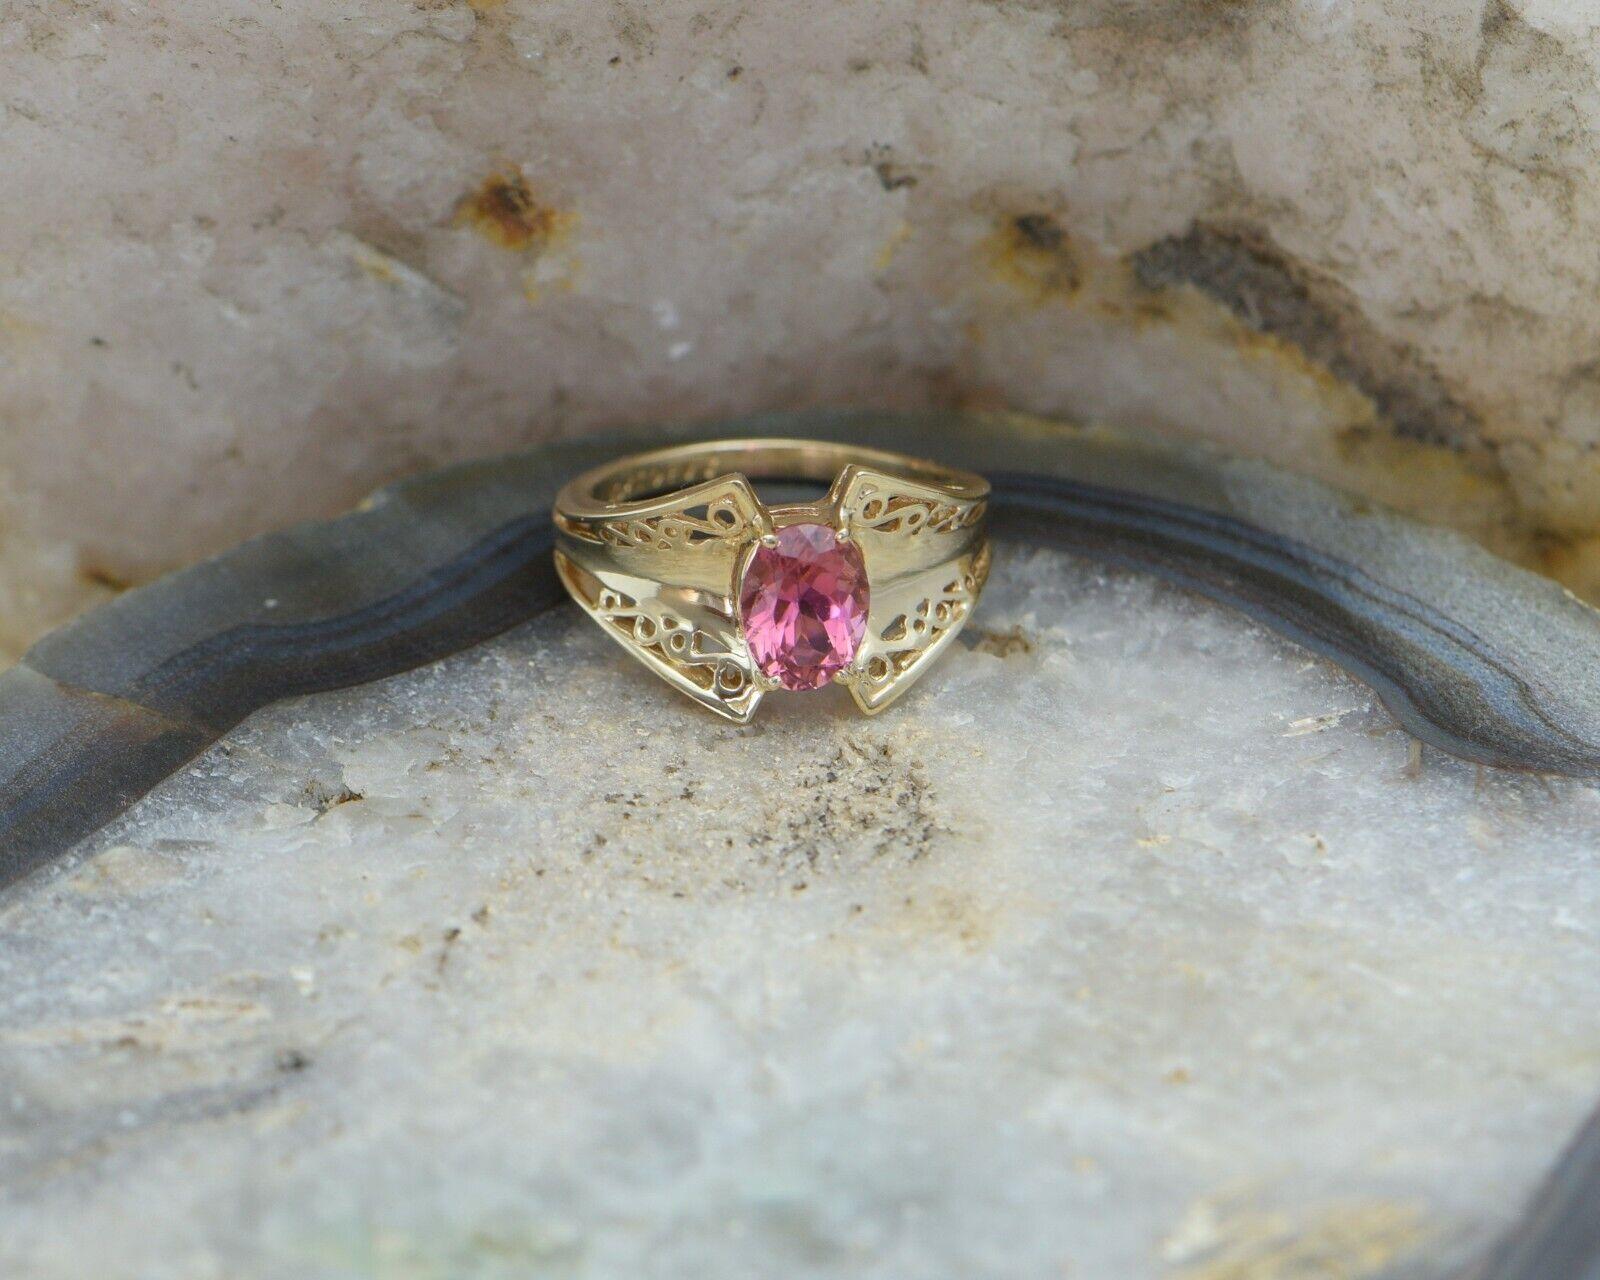 10K Yellow gold Pink Tourmaline Ring Circa 1990, Size 7